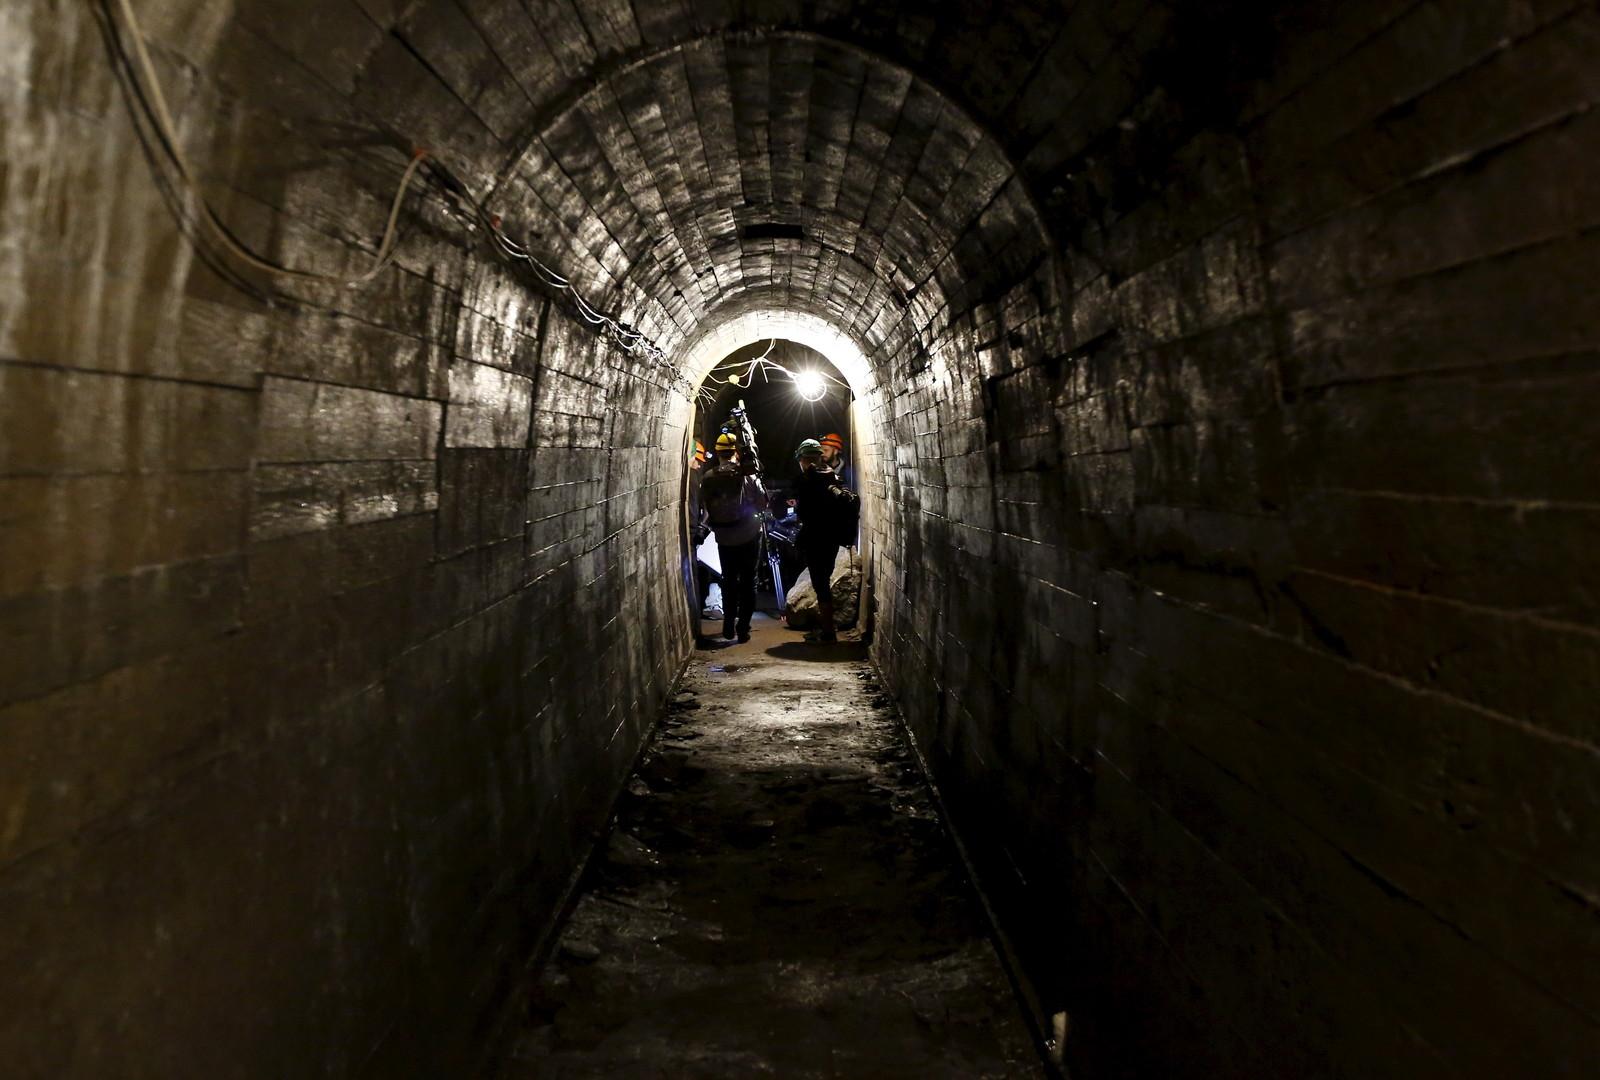 Les travaux d'excavation du fameux train nazi chargé d'or ont commencé en Pologne